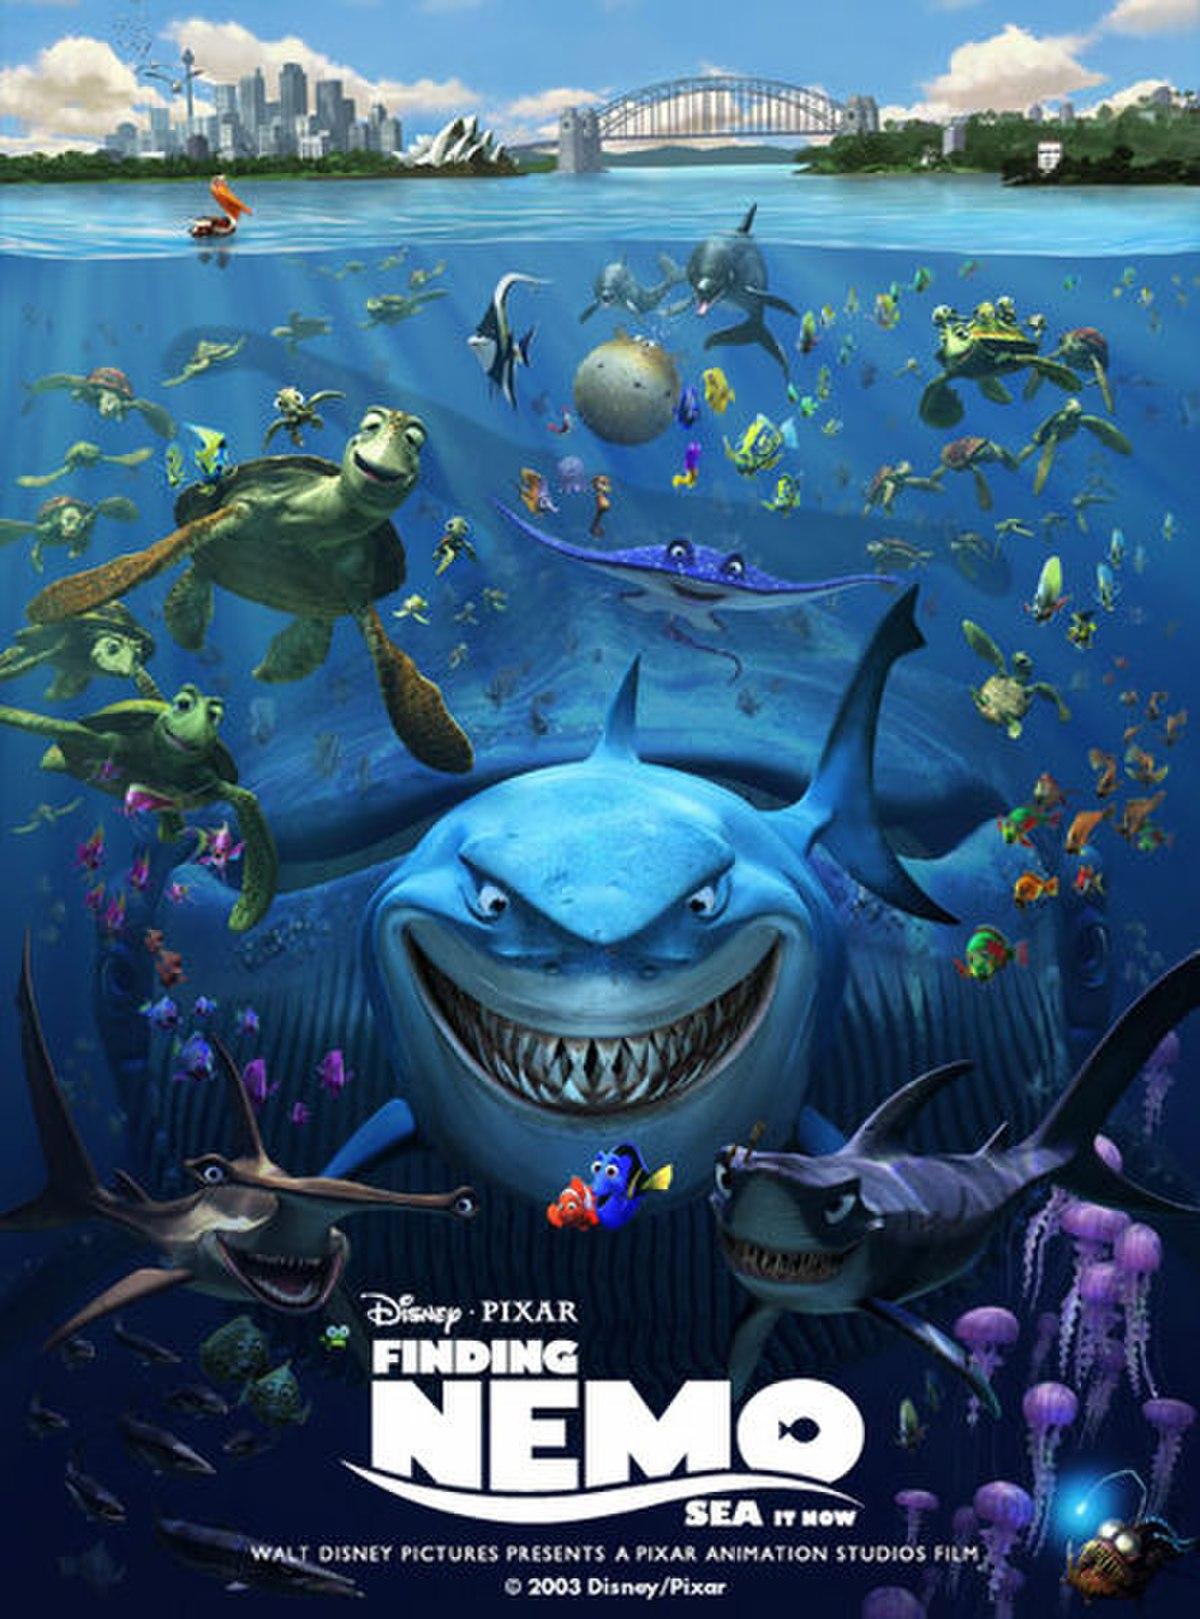 Finding Nemo Wallpaper 3d В поисках Немо Википедия